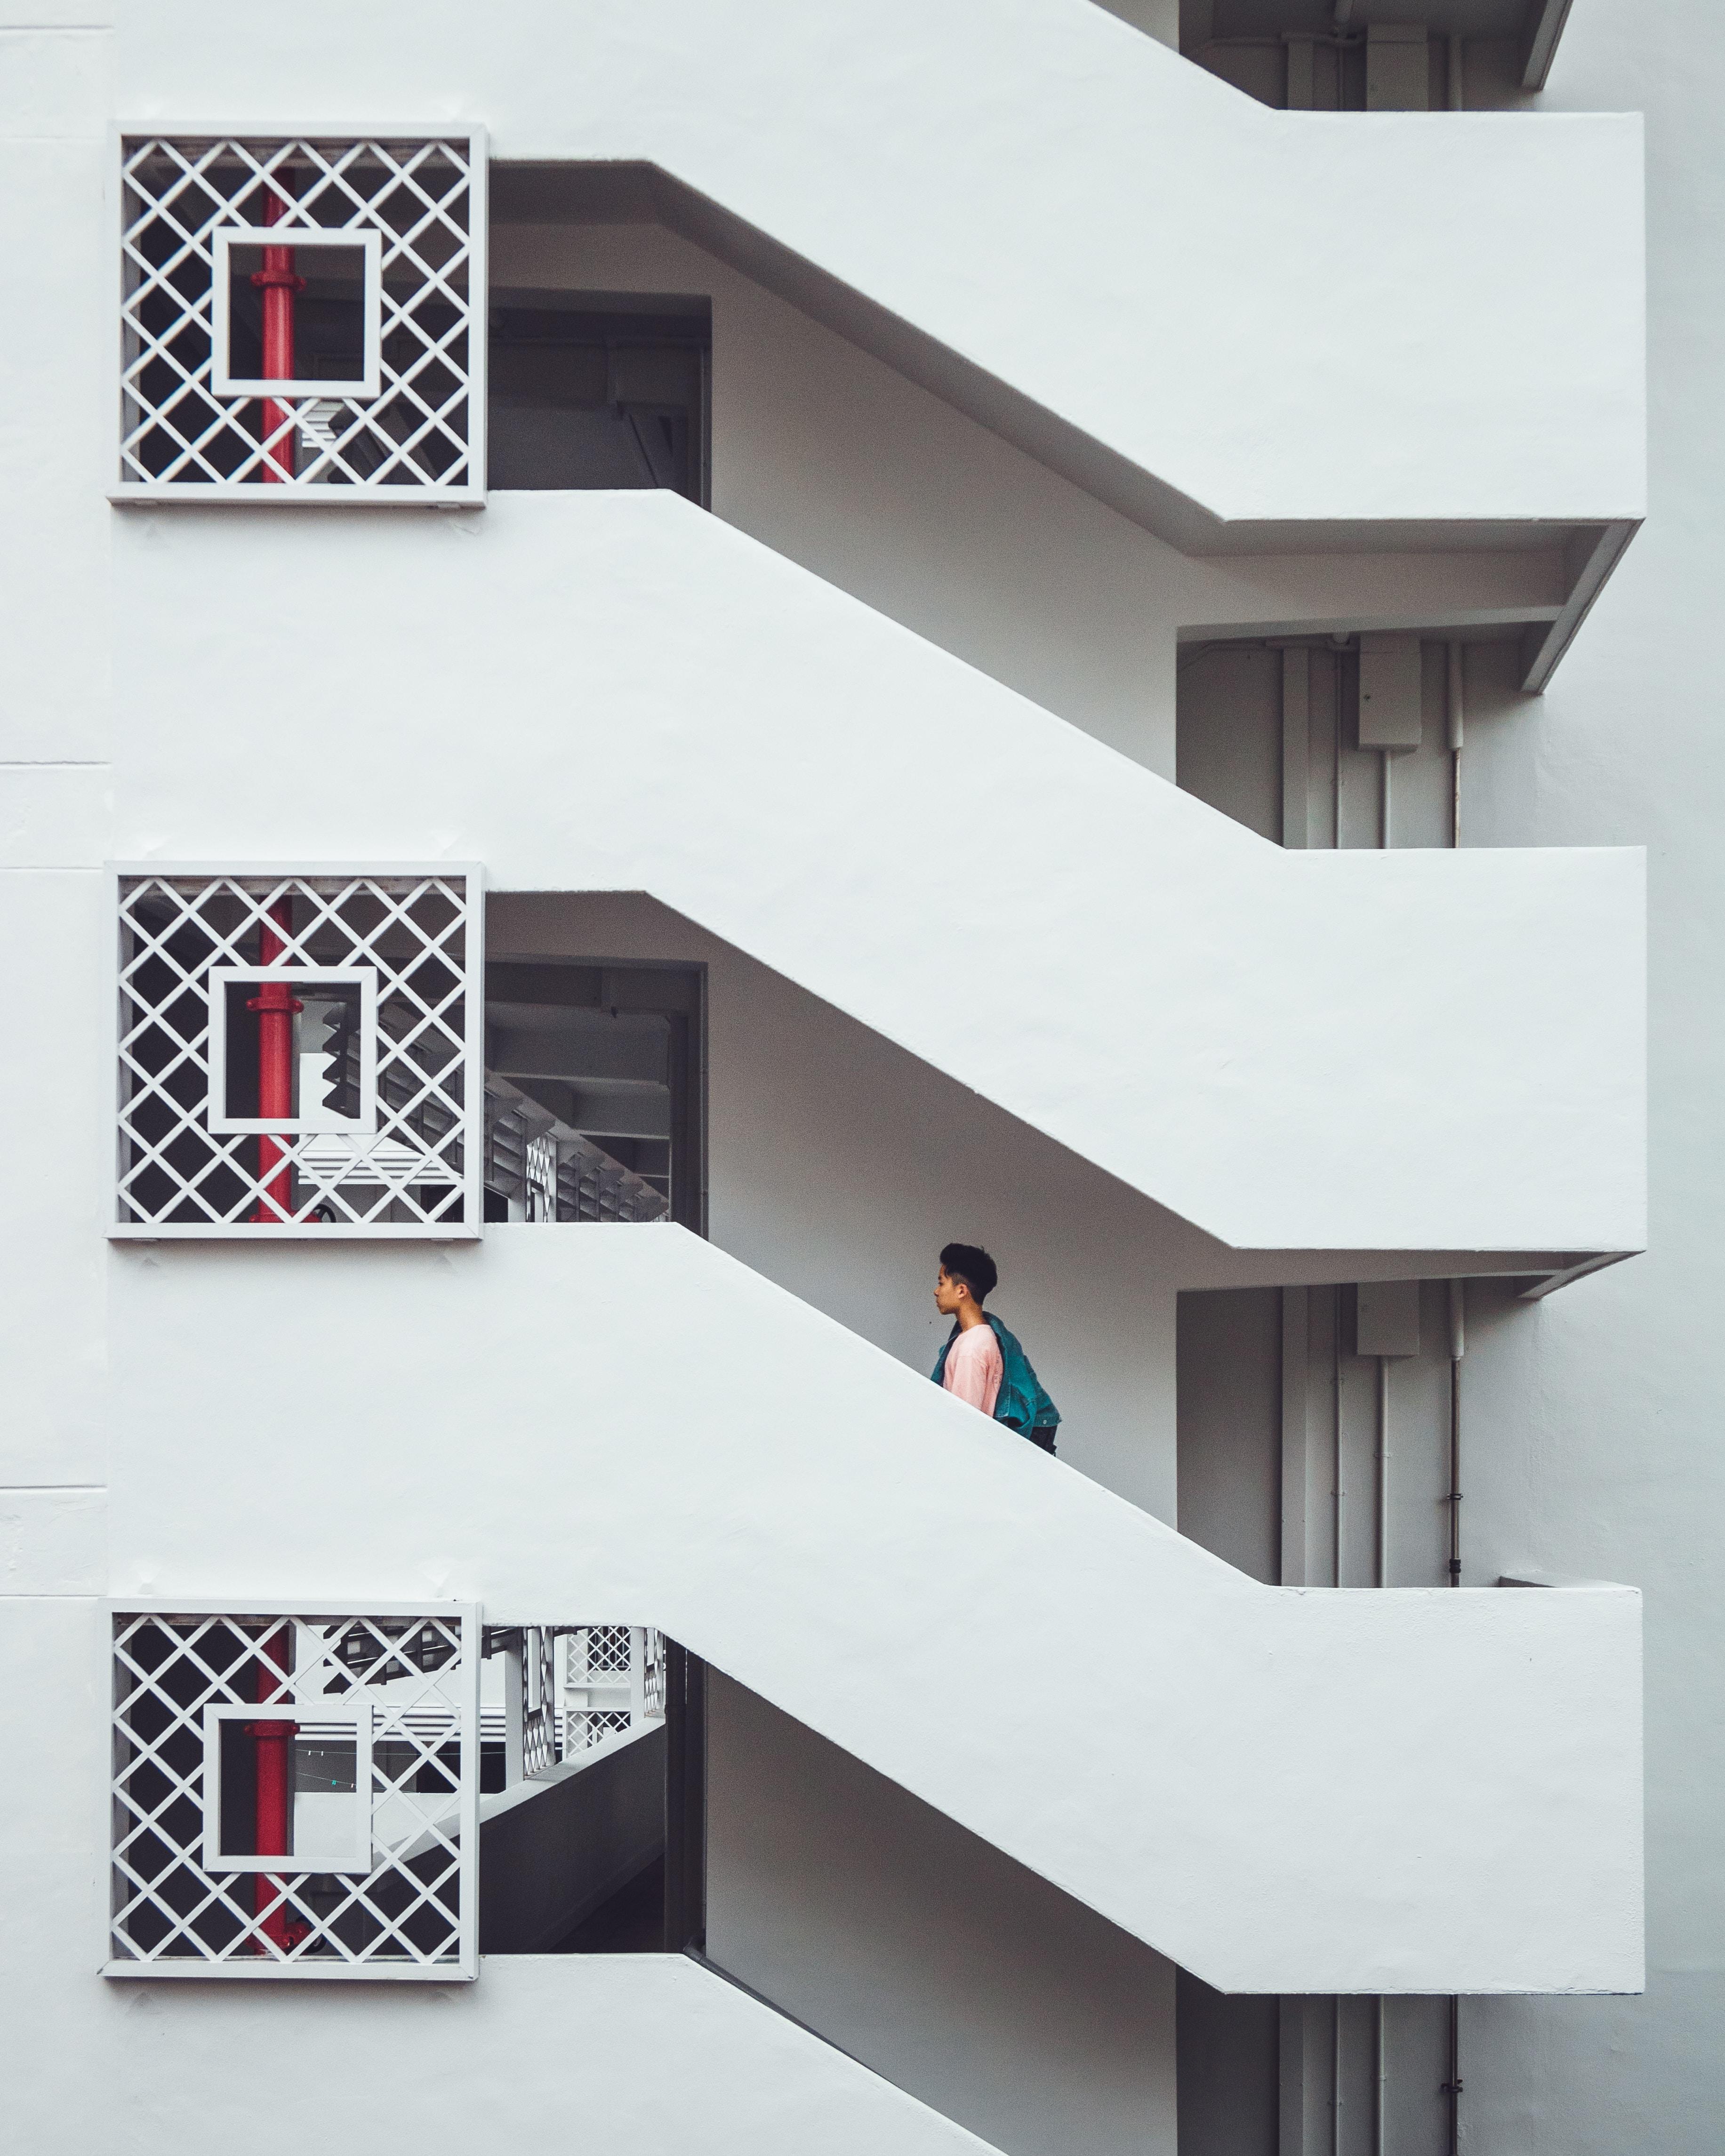 white concrete building